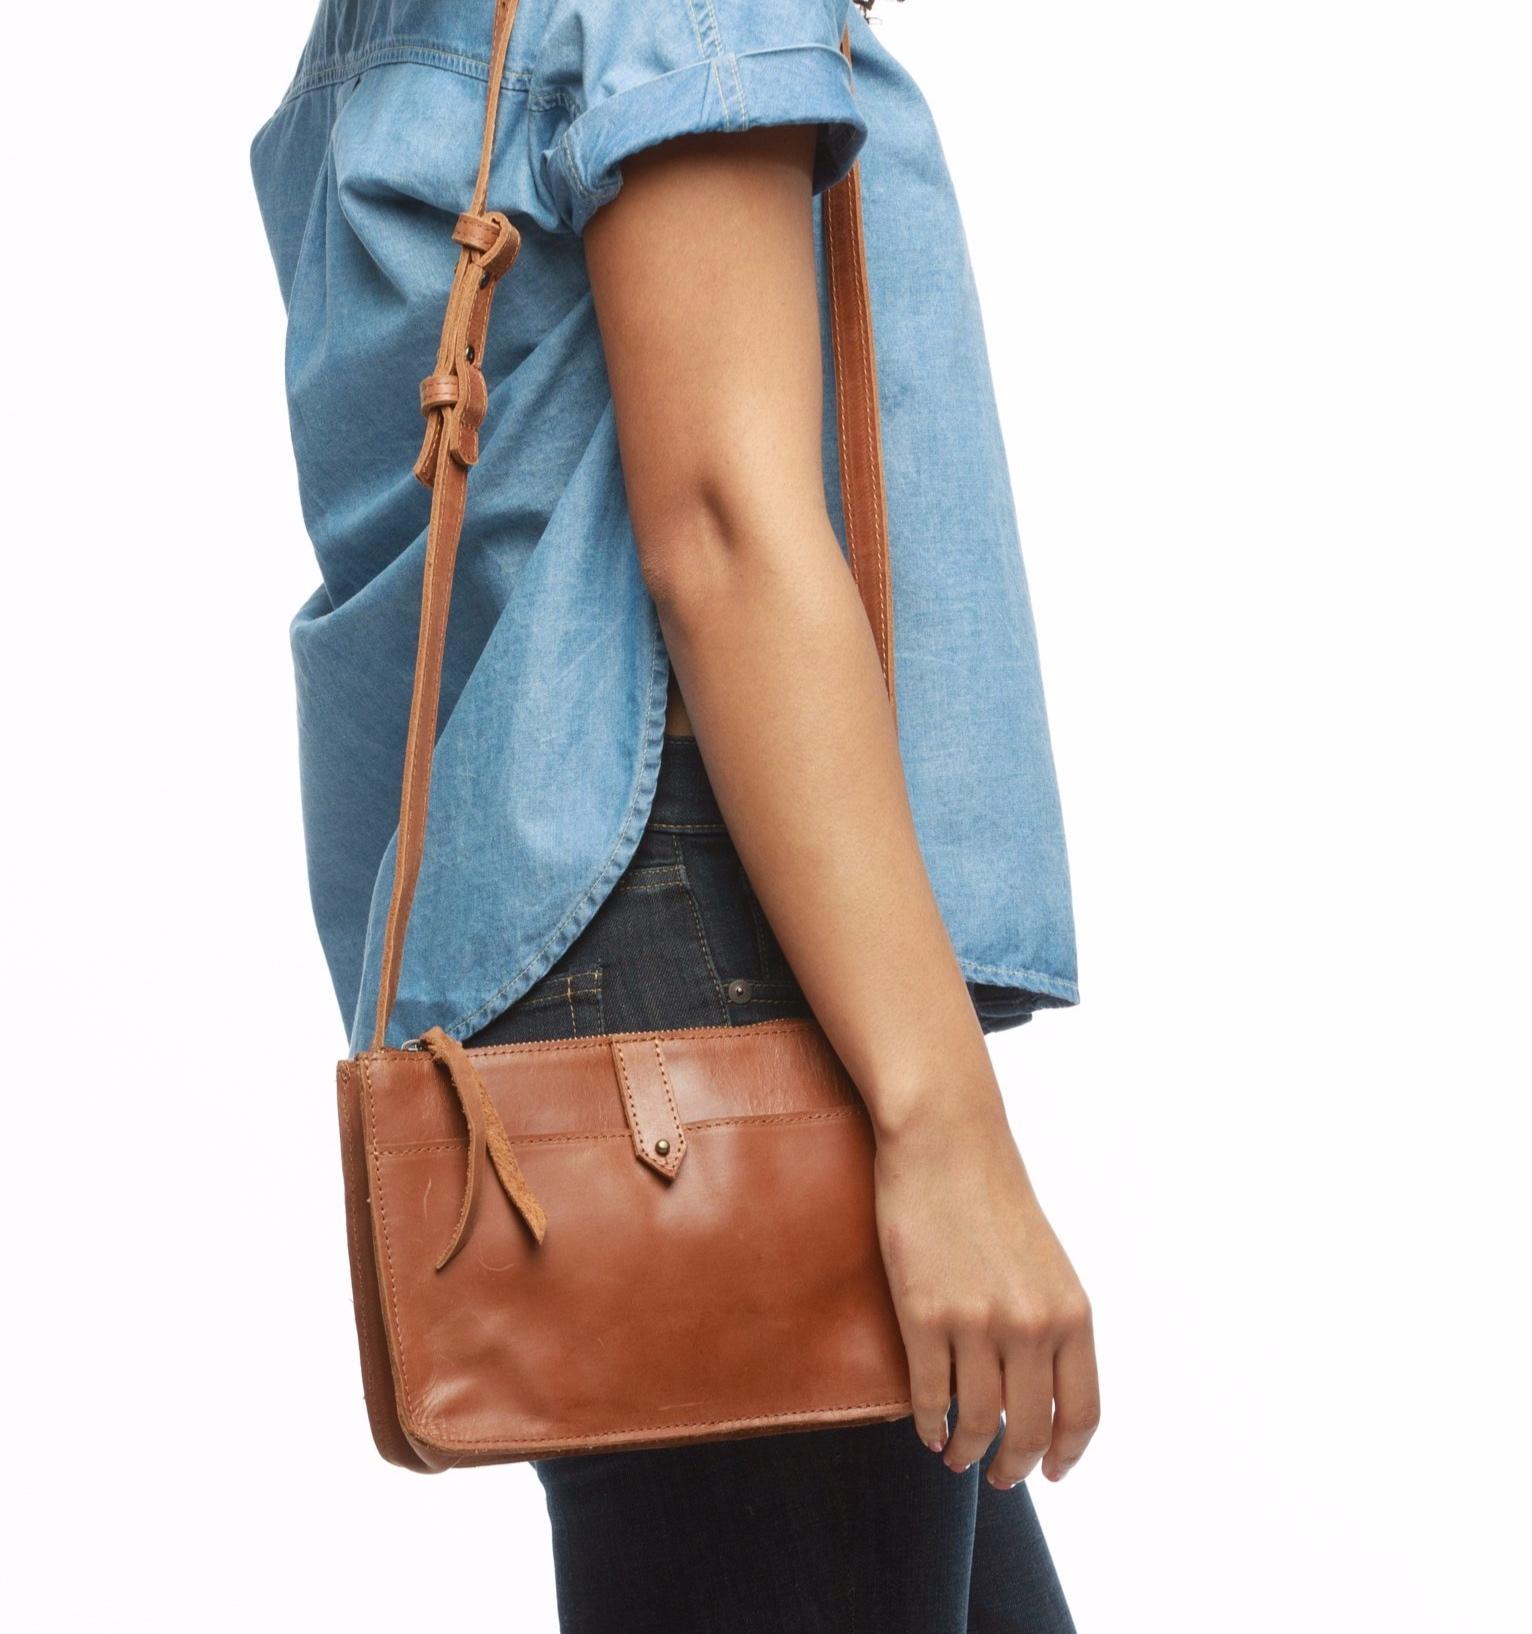 ABLE Crossbody bag, $98